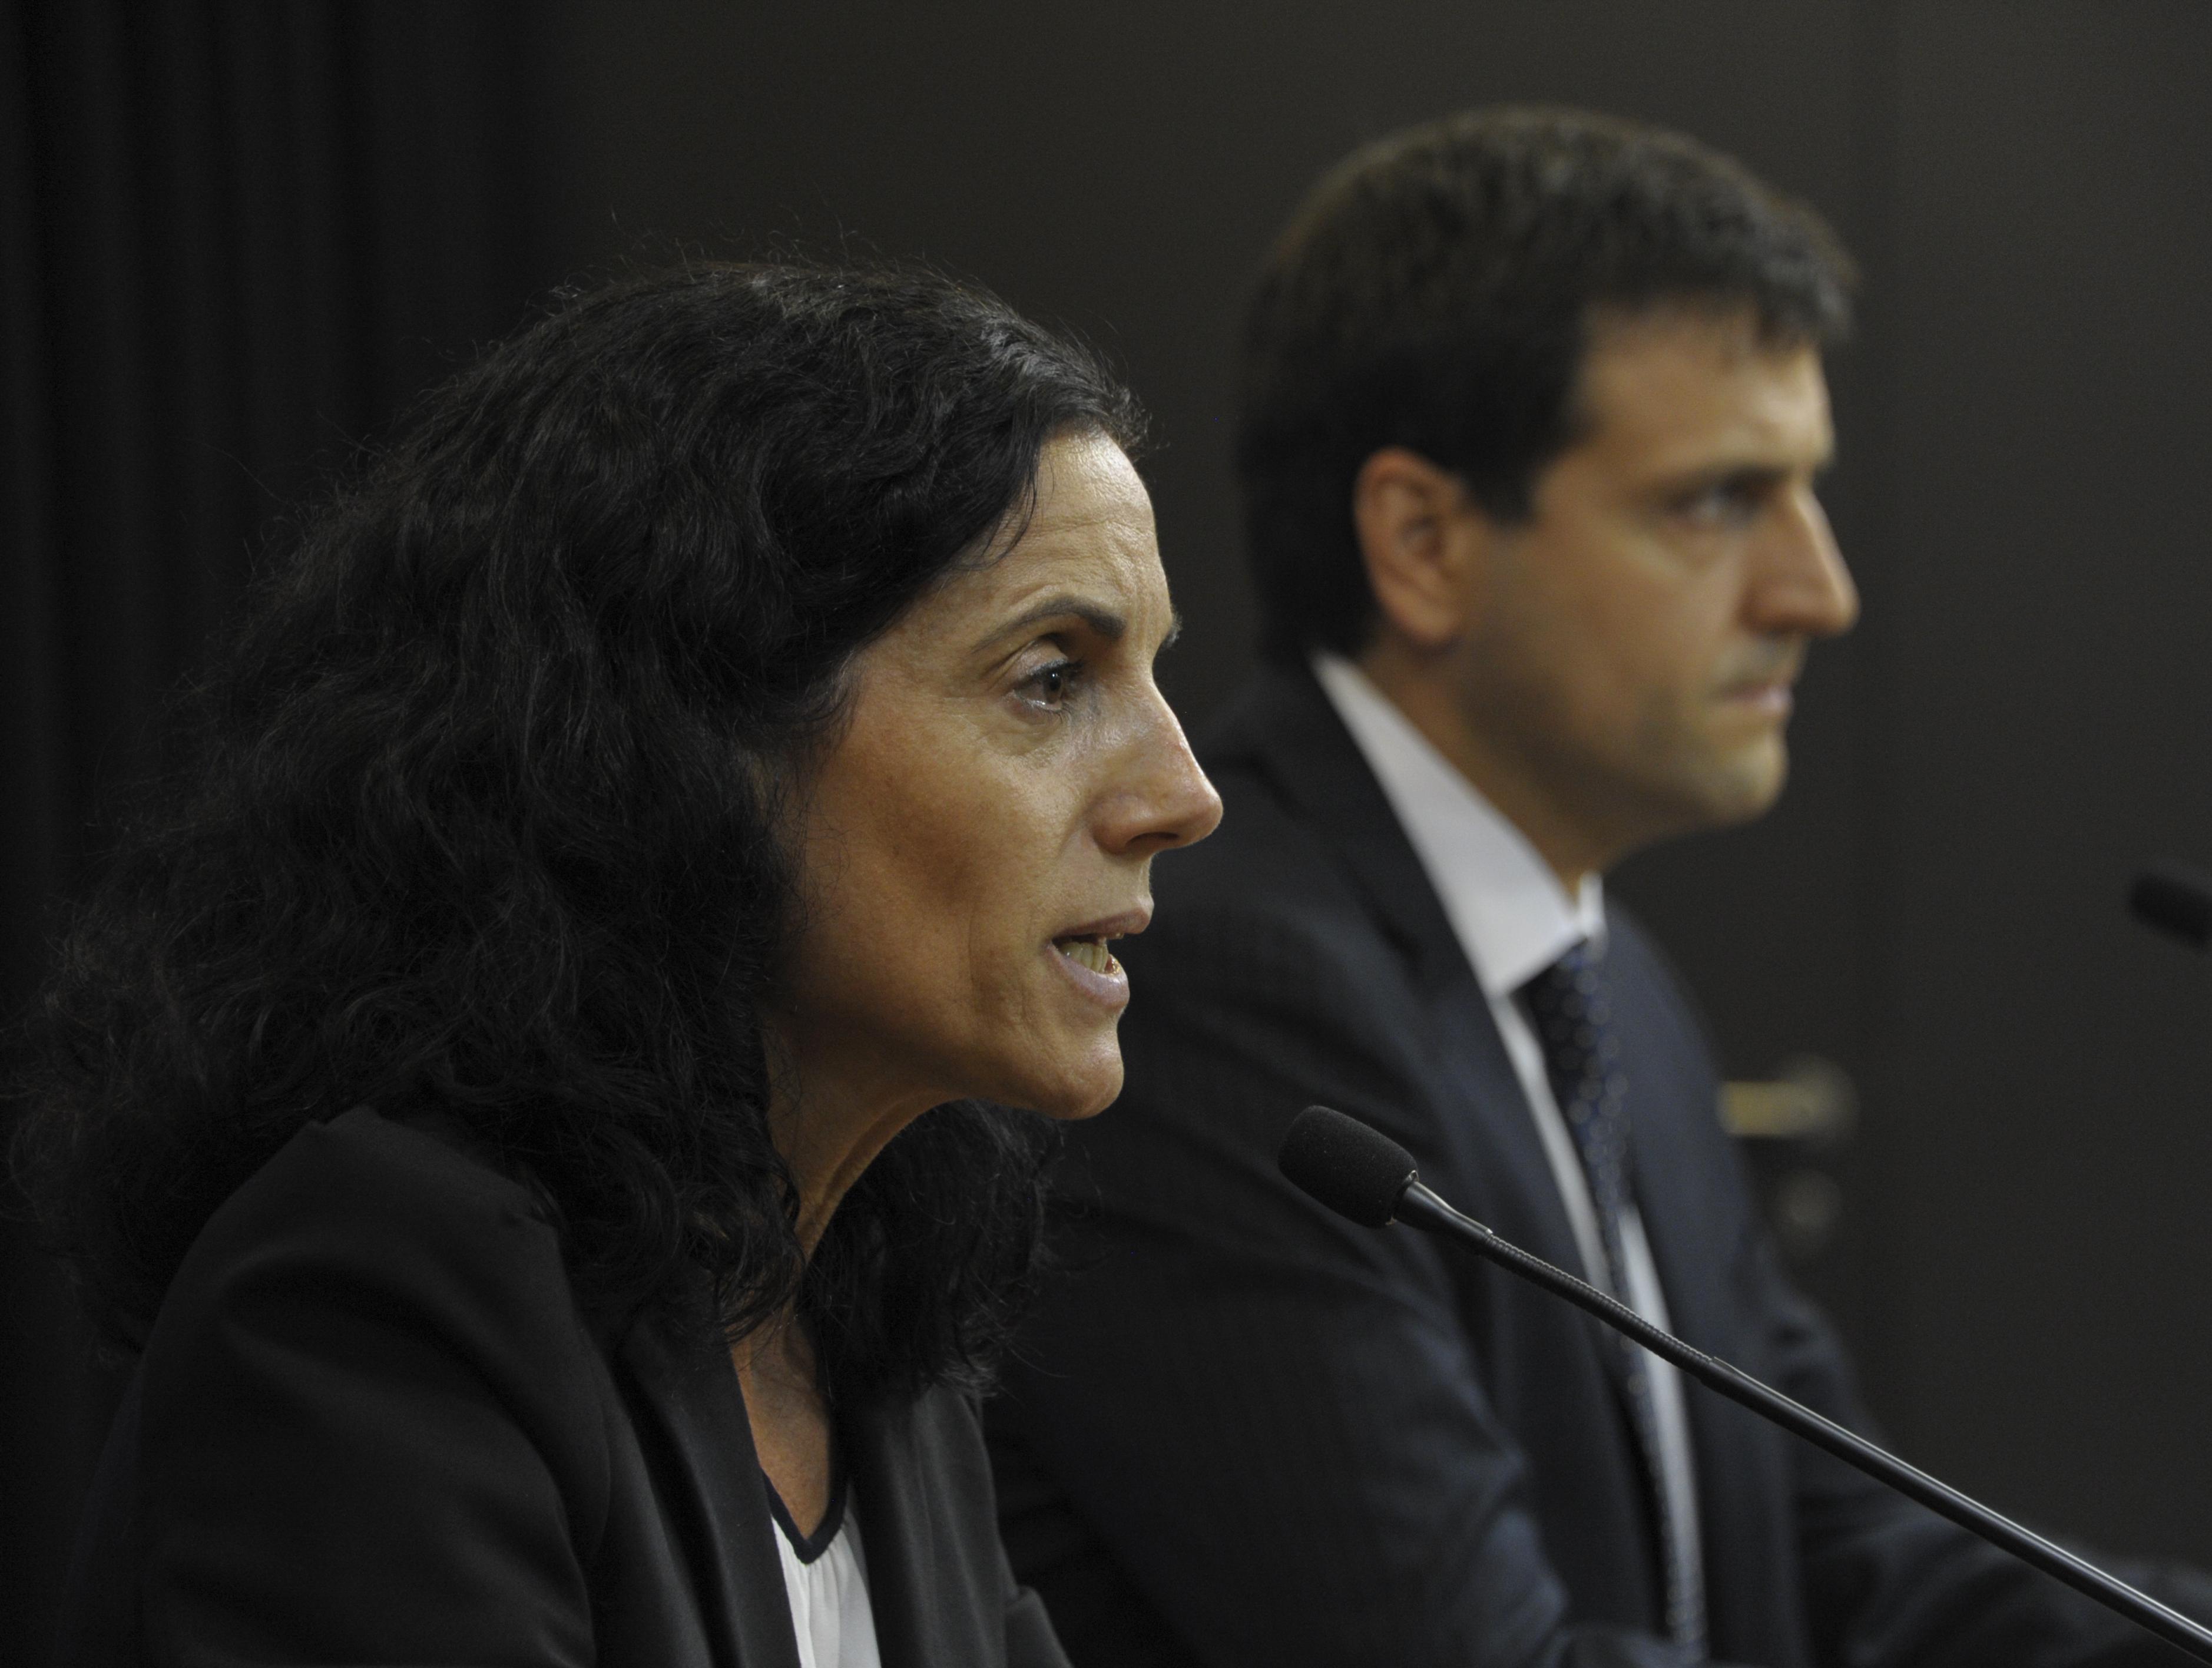 Ministra Azucena Arbeleche, junto al vocero presidencial y director de Comunicación Presidencial, Aparicio Ponce de León